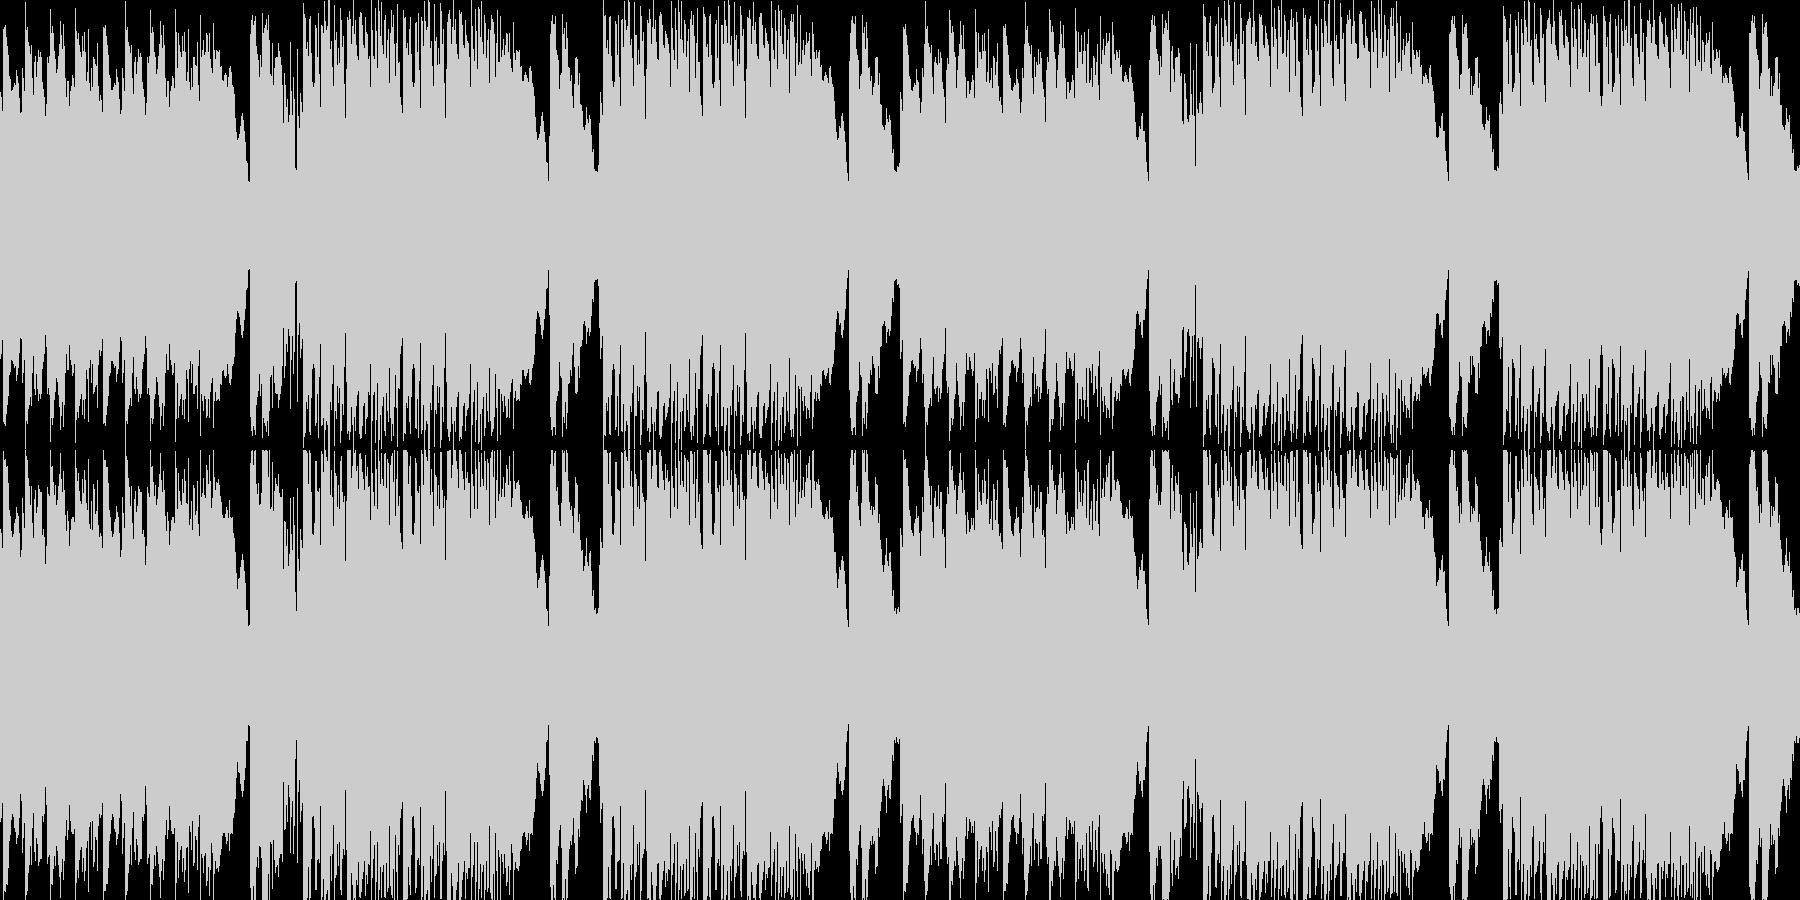 【スピーチ用BGMロマンチックバラード】の未再生の波形